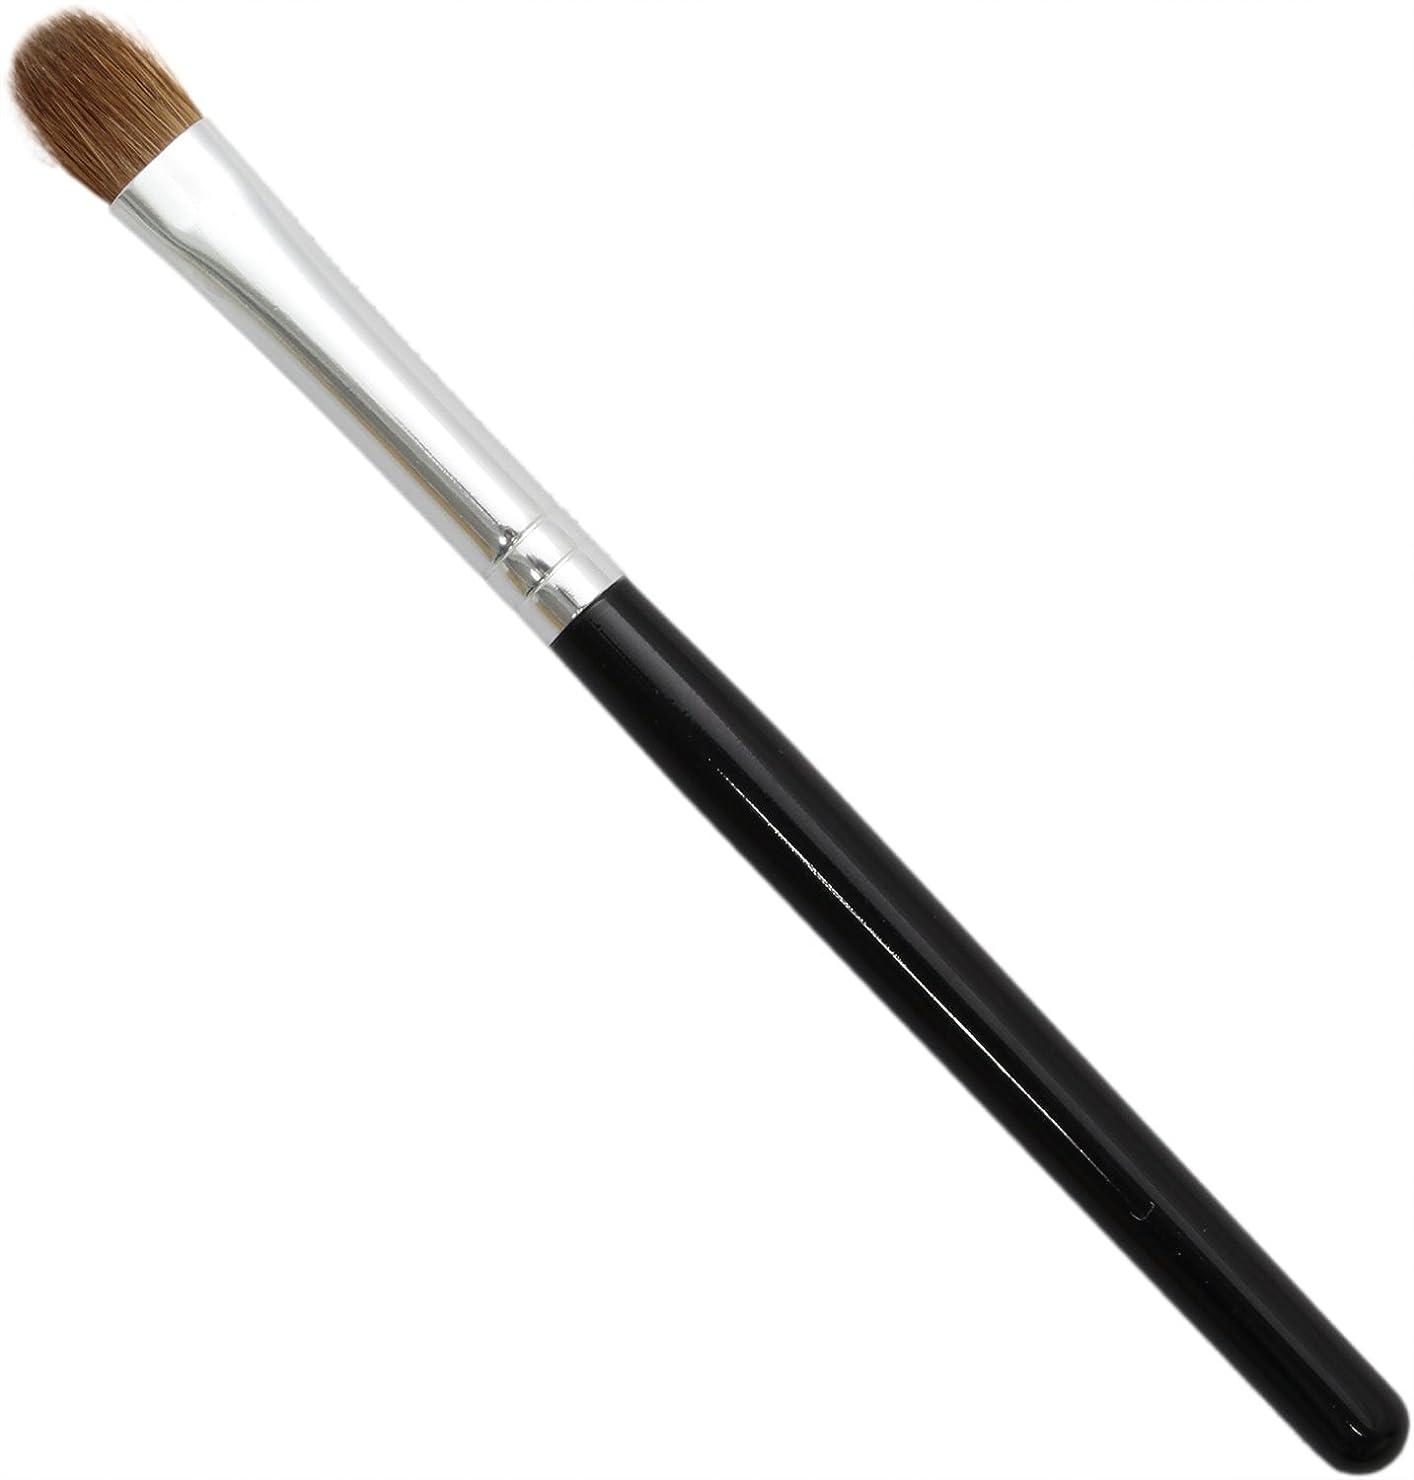 イブフィードバックズボン熊野筆 メイクブラシ KUシリーズ アイシャドウブラシ 小 イタチ毛